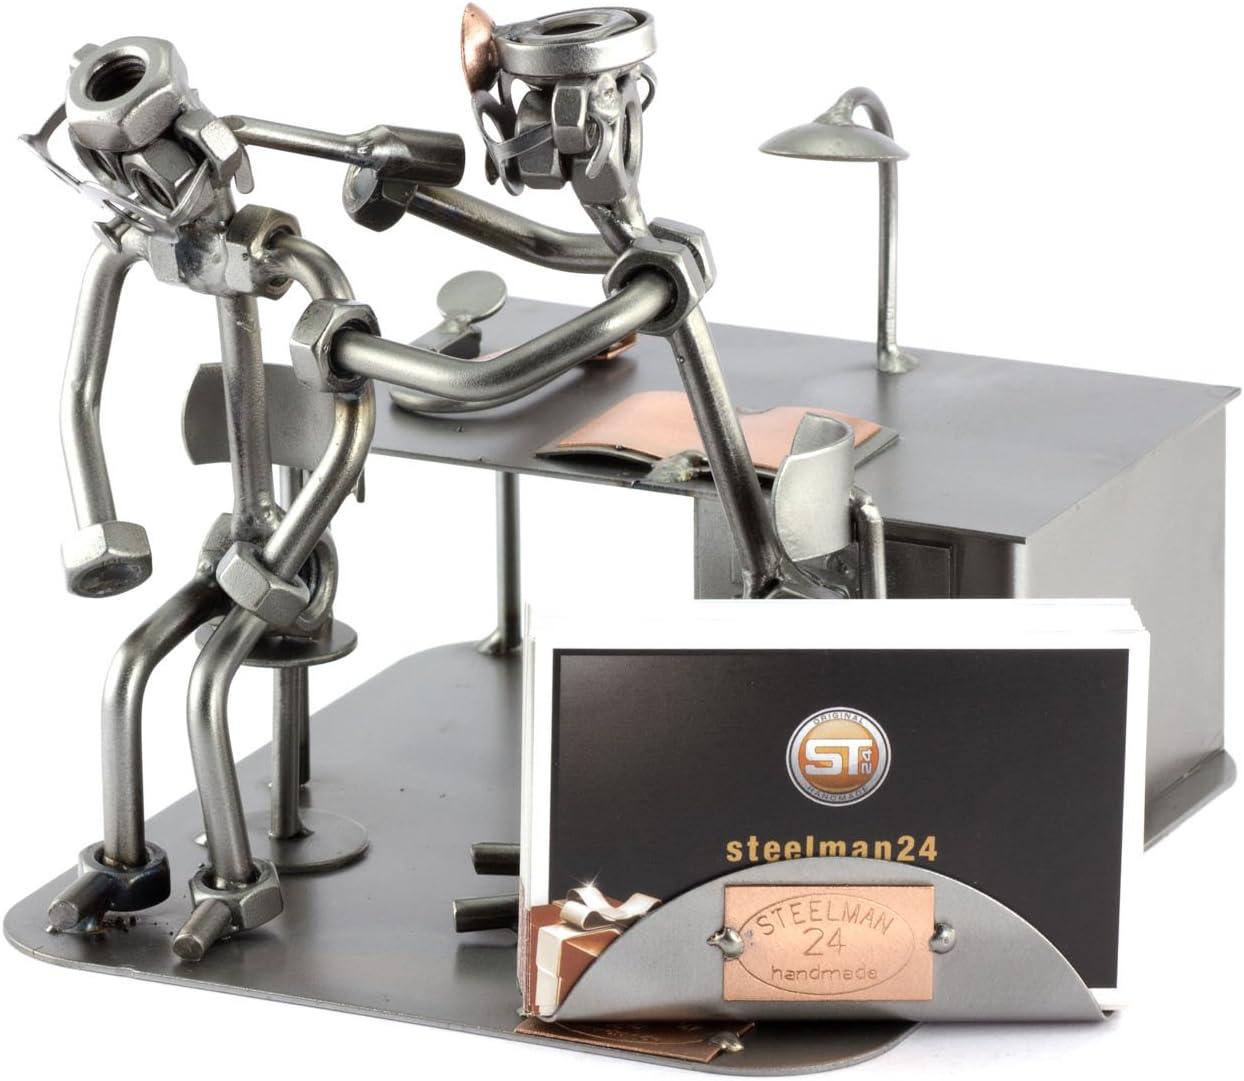 Steelman24 I Omini di Viti Otorino con Portabiglietti da Visita I Idee Regalo Originale I Soprammobili in Metallo I Modellino